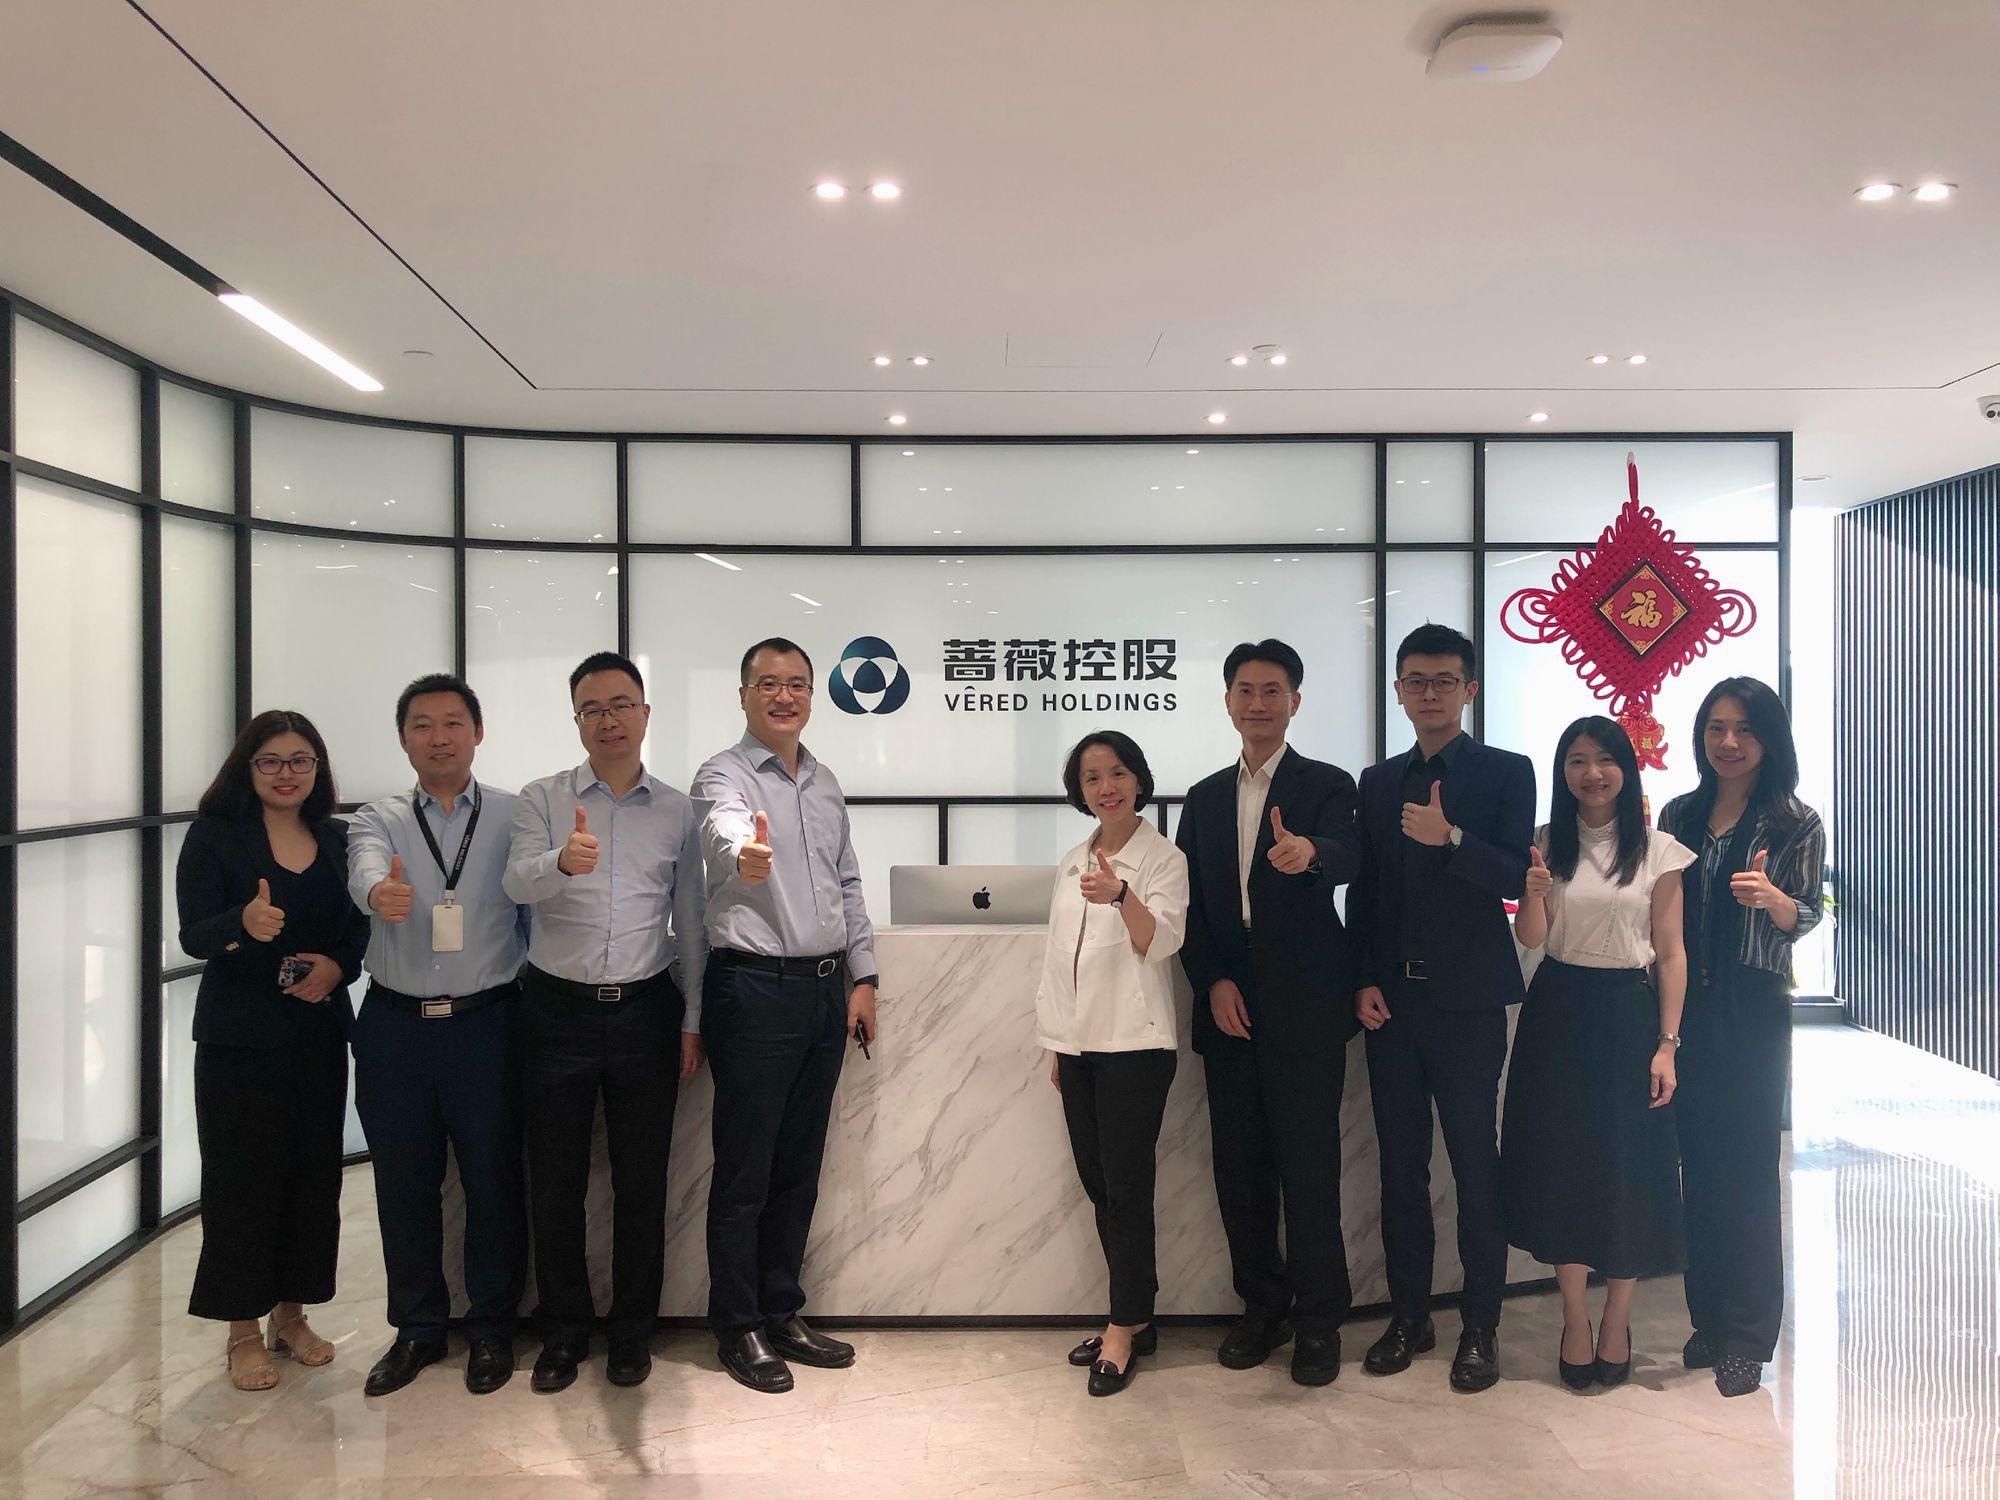 快讯 | 永丰银行来访,共话供应链金融跨境合作